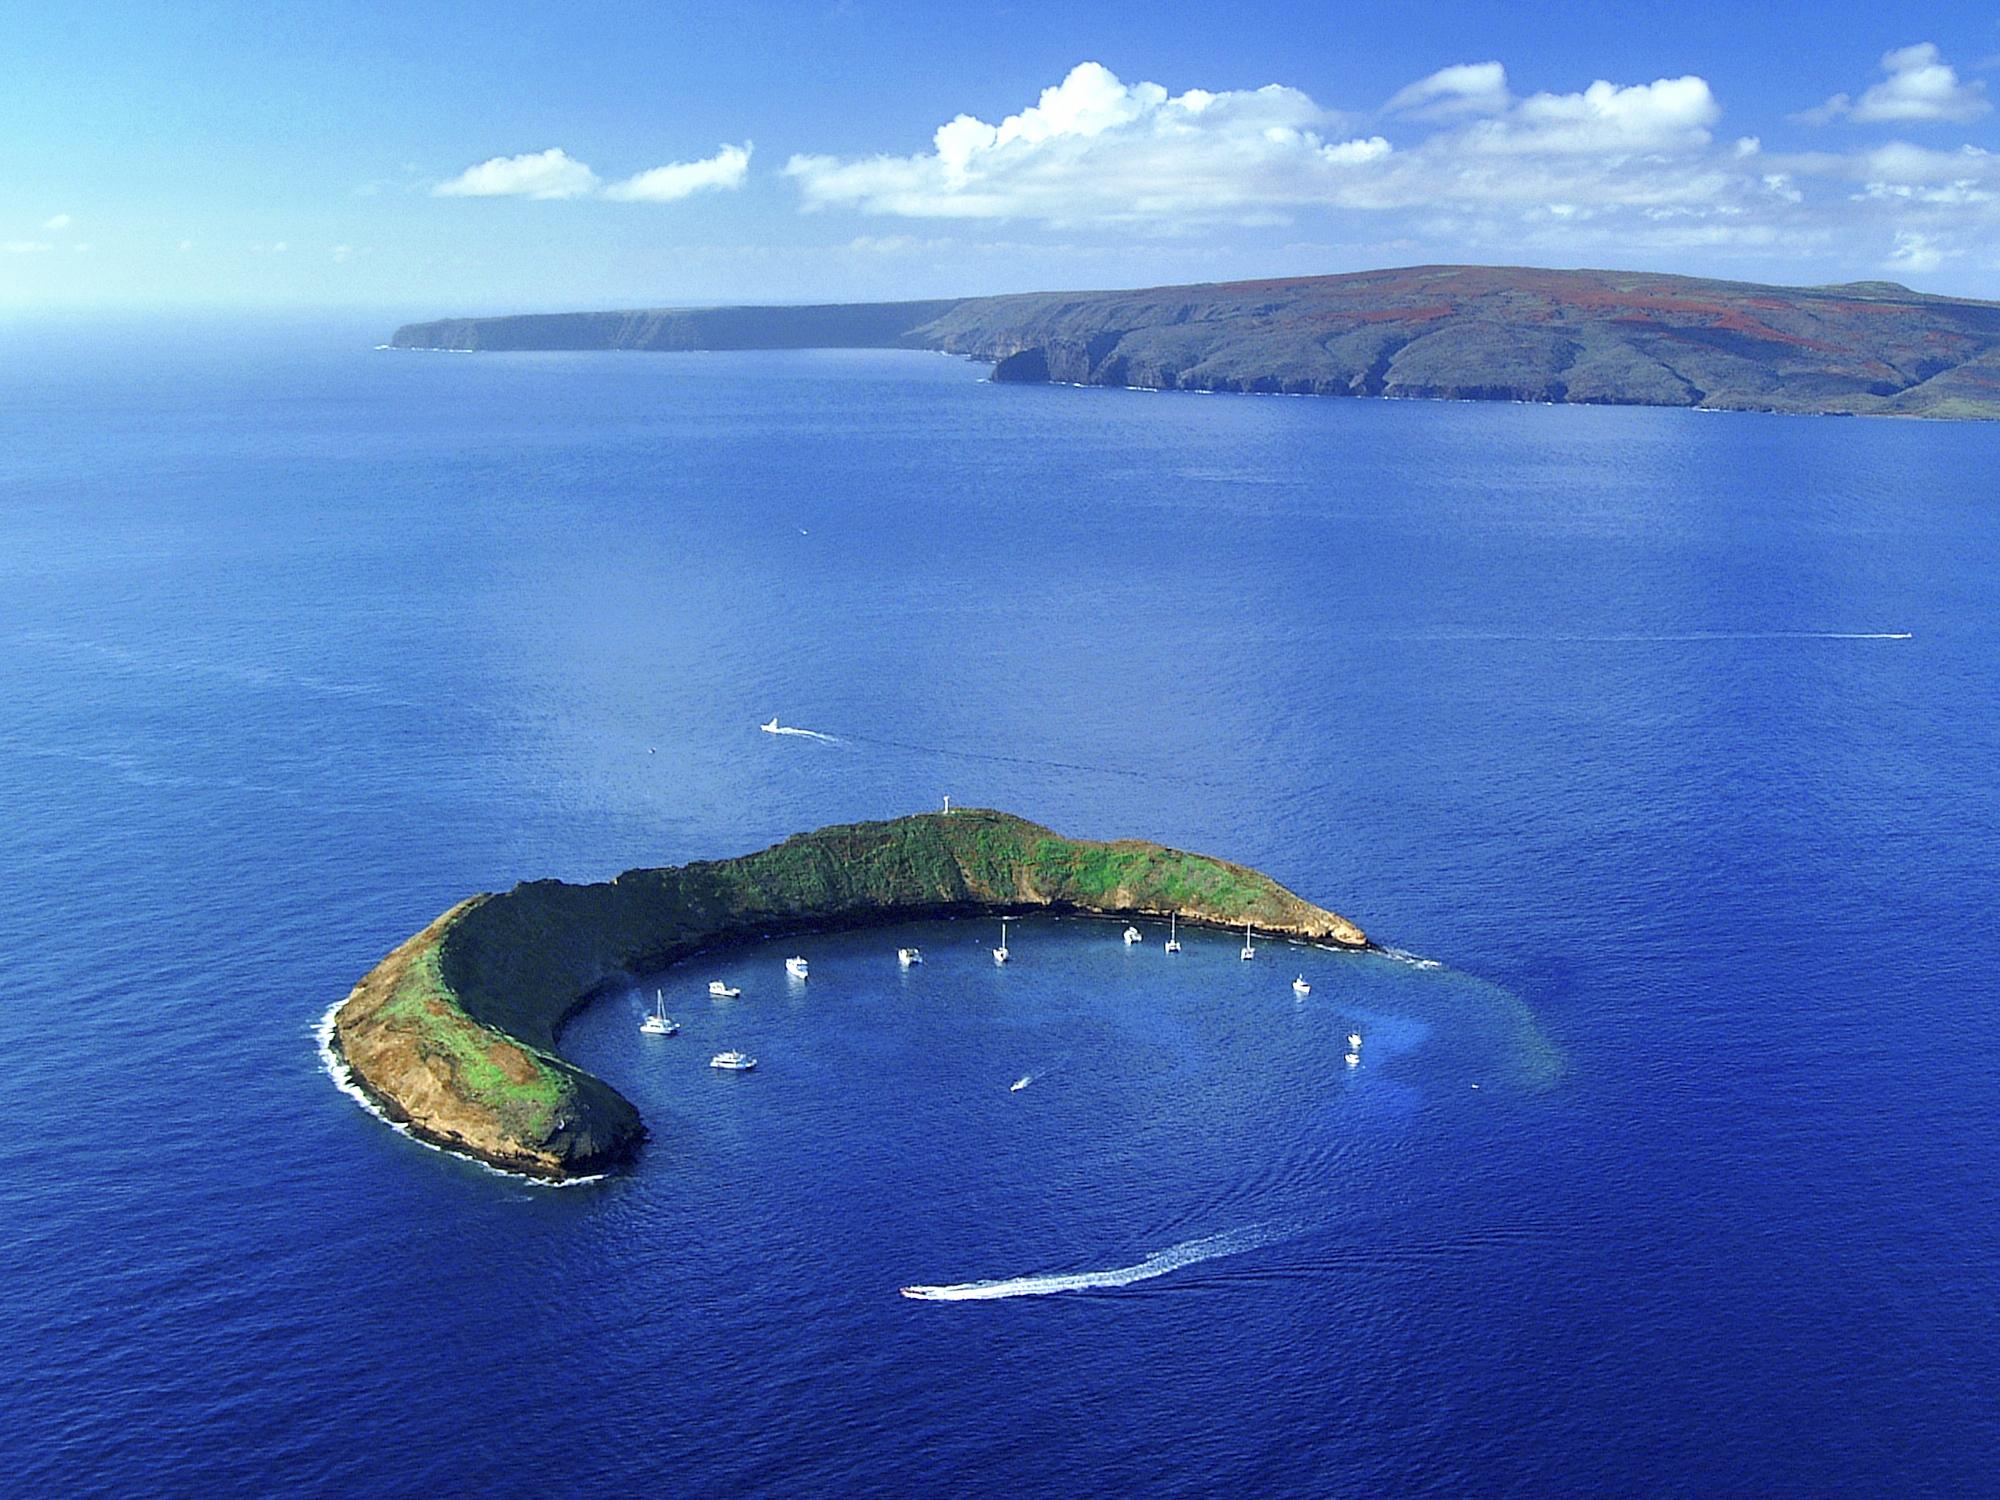 0810モロキニ島04551.jpg のコピー